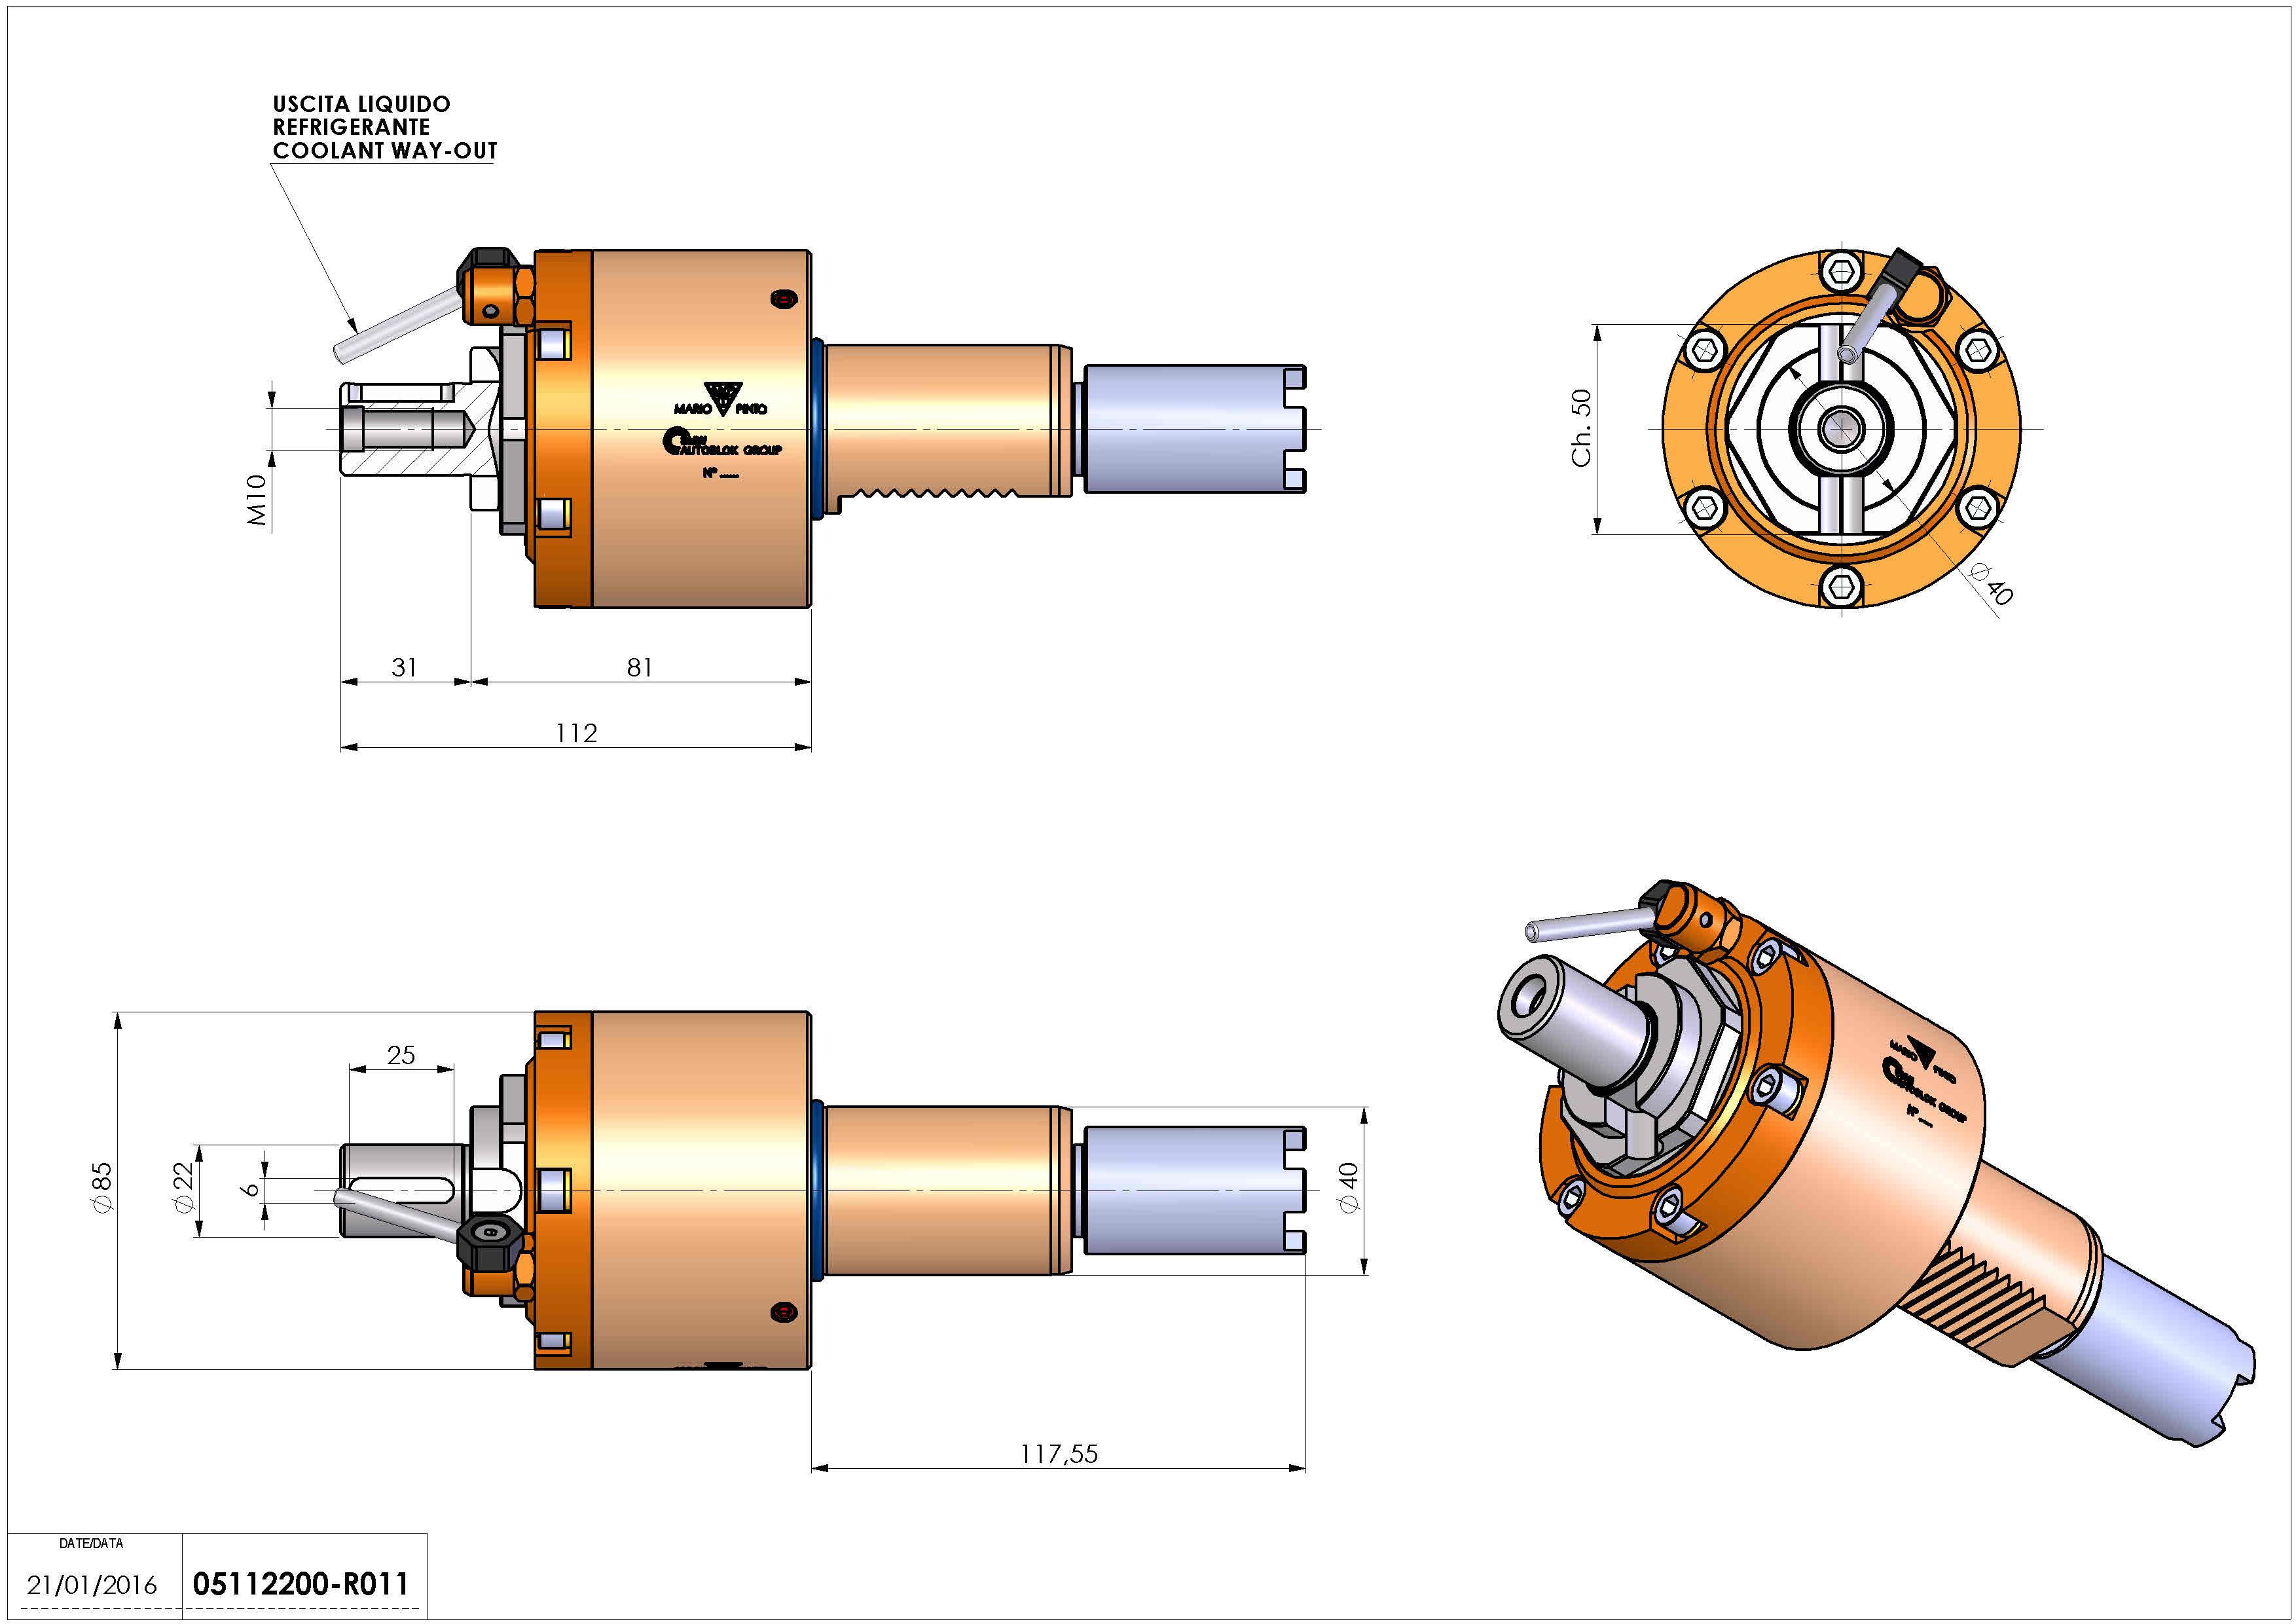 Technical image - LT-S VDI40 DIN22 H81 117 HA.